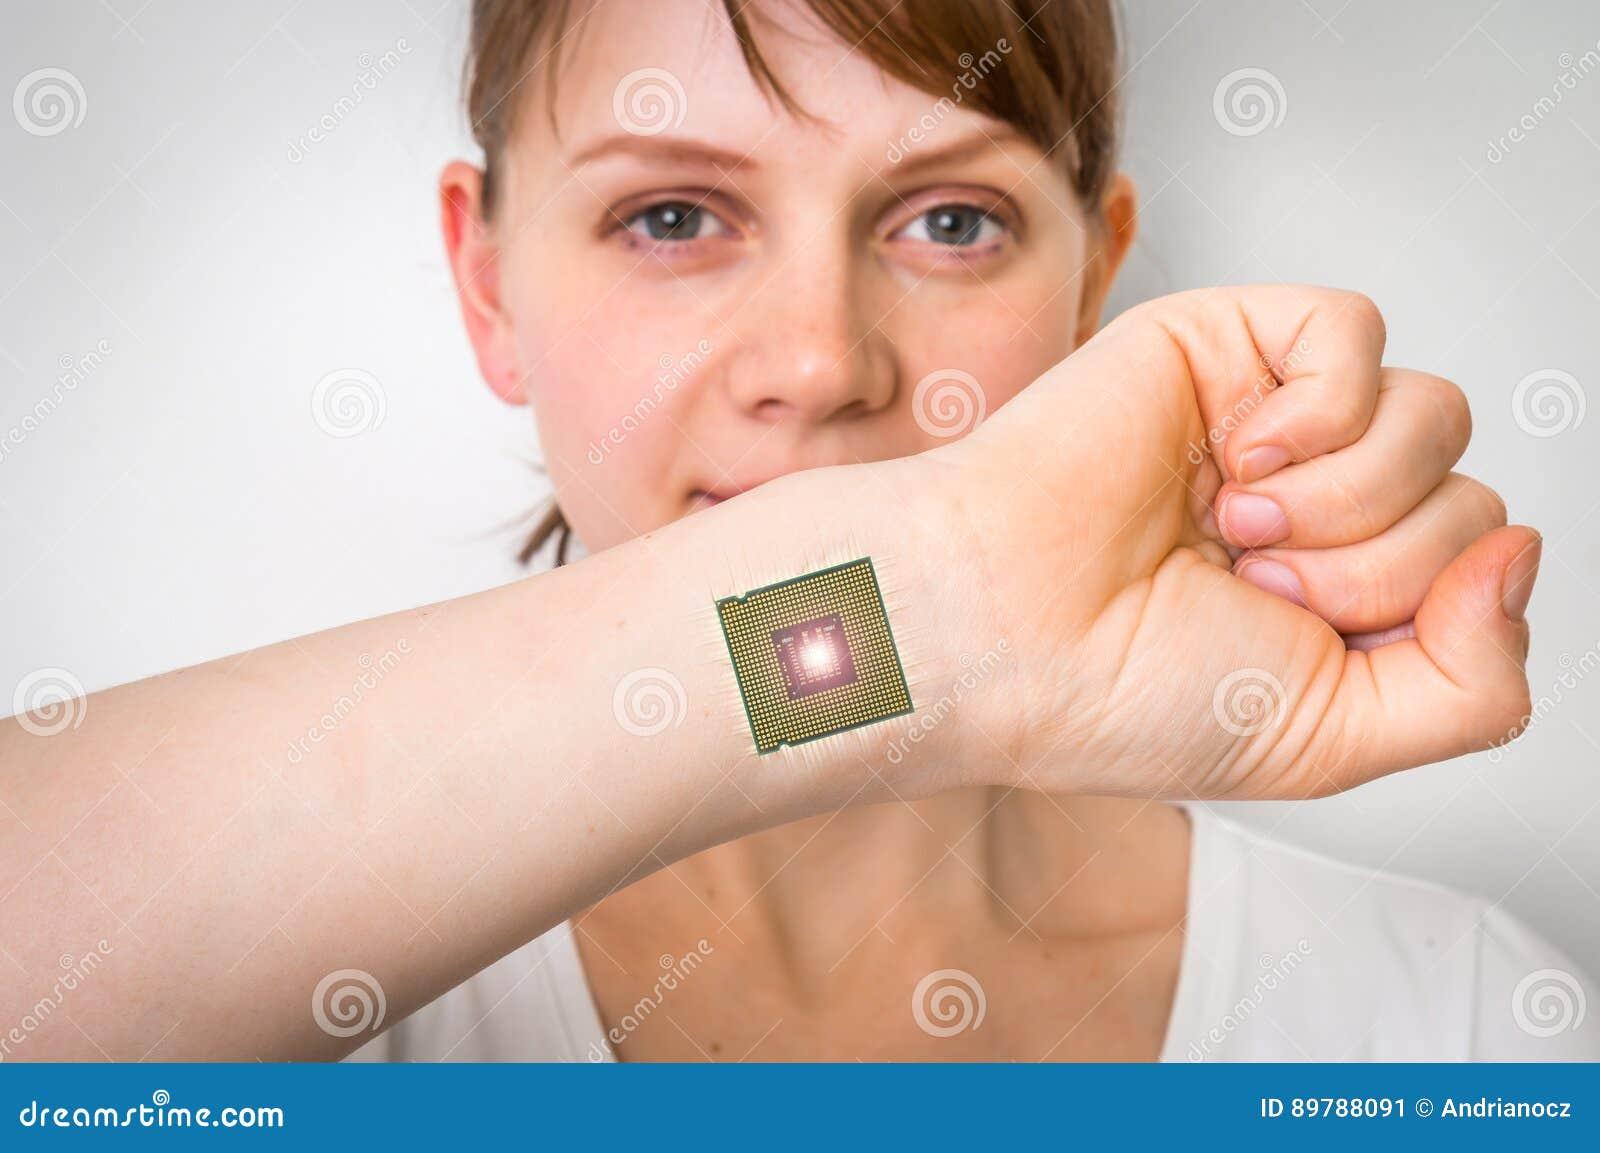 Implante biônico do processador da microplaqueta no corpo humano fêmea